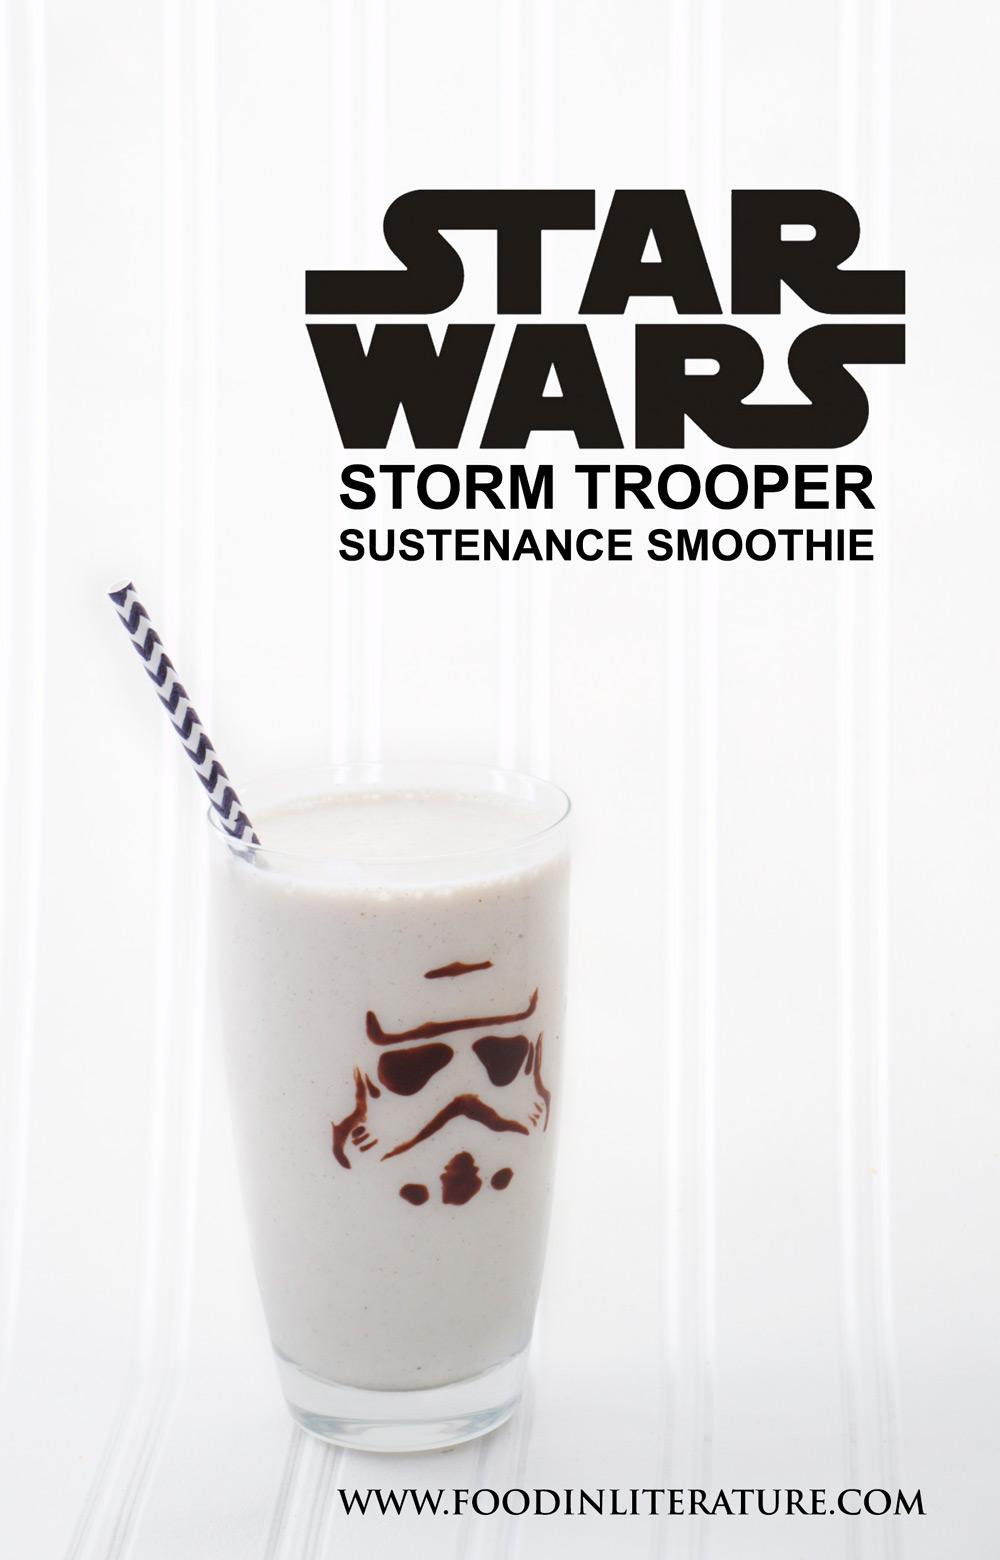 Star Wars Storm Trooper Sustenance Smoothie  In Literature